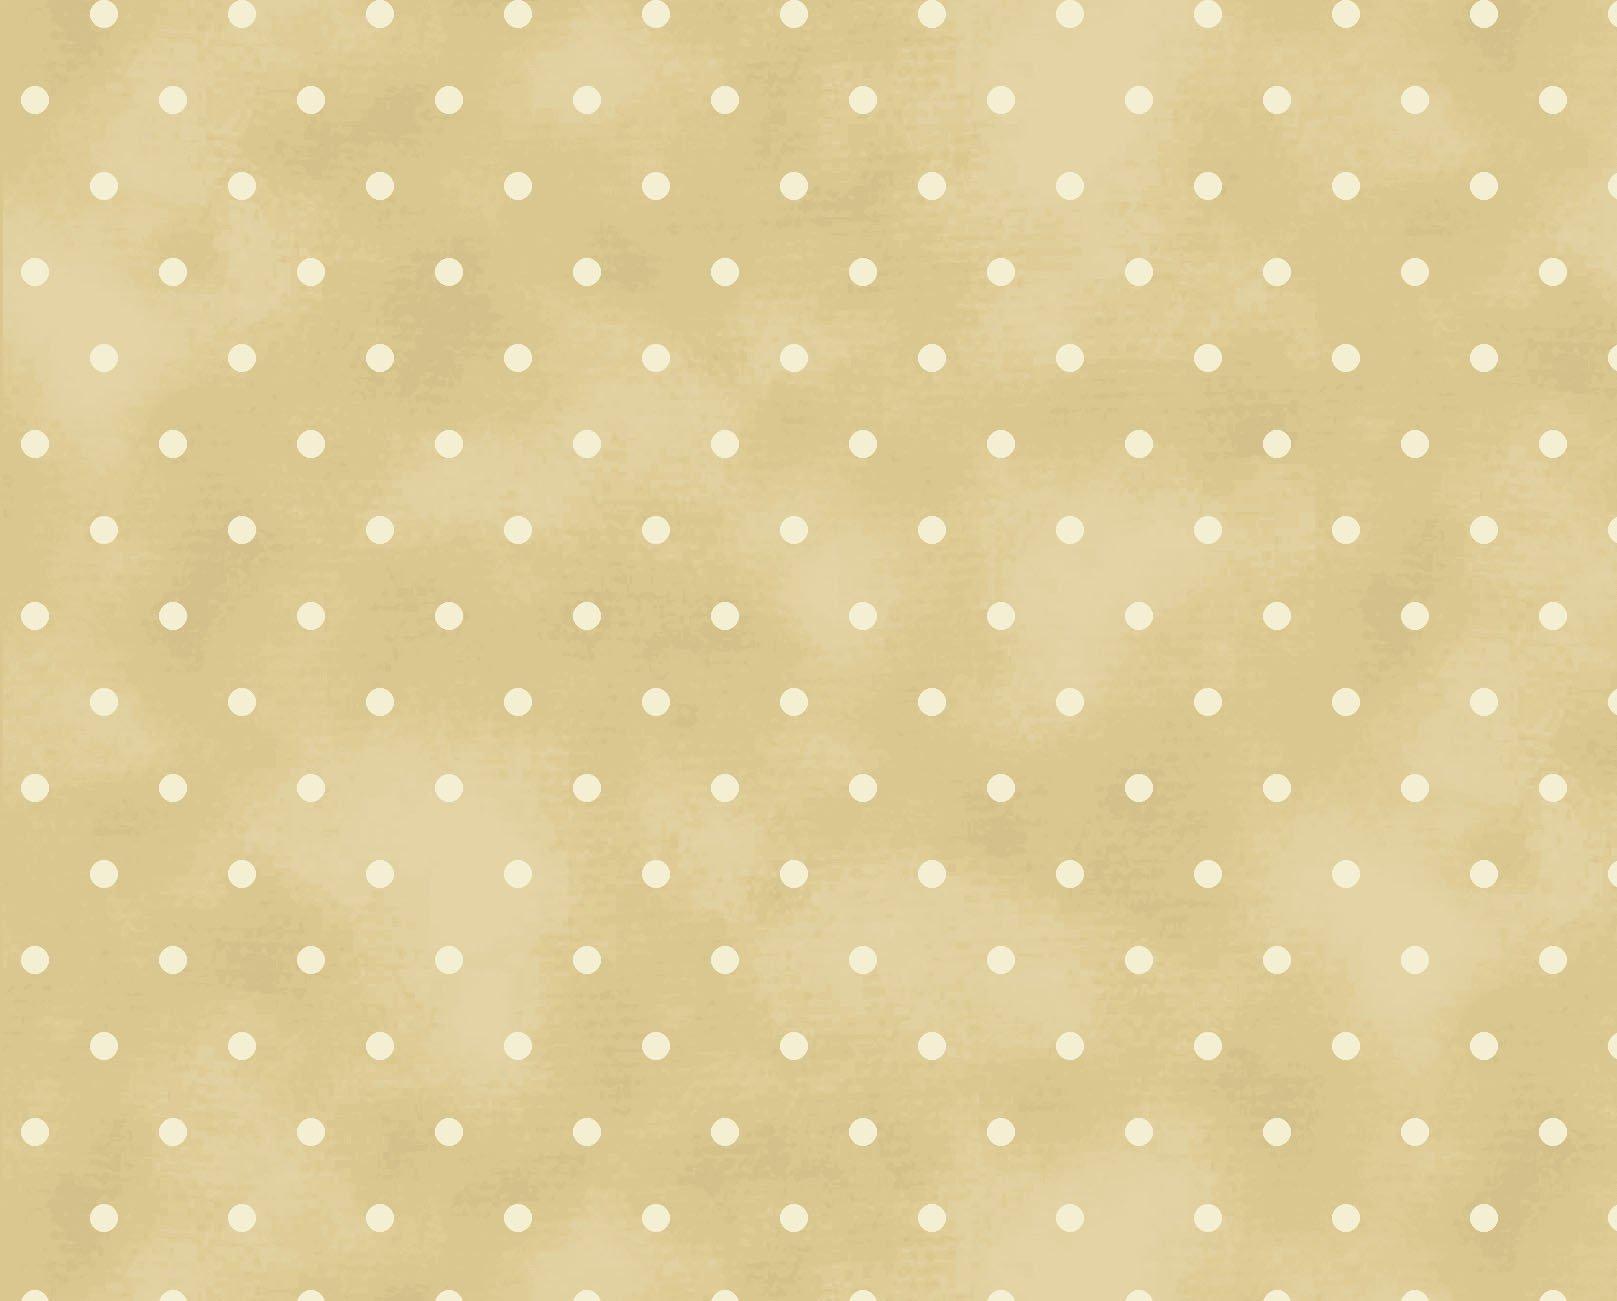 Garden Getaway Fabric 8 (0960 0140)